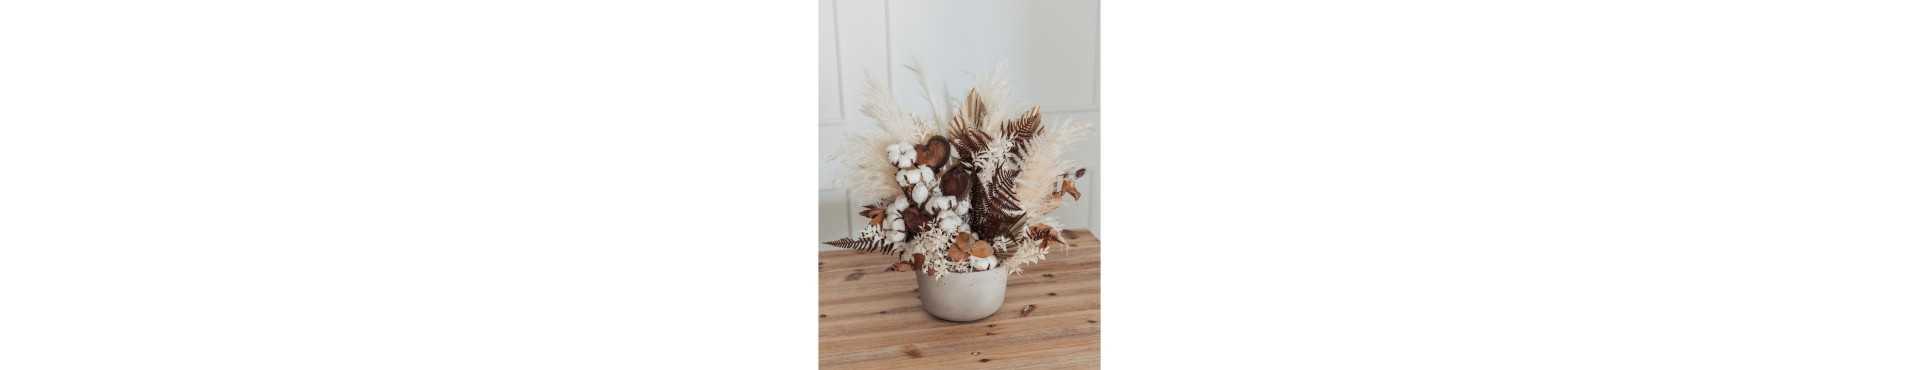 ▷ Comprar Desarreglos florales online | Bahay BCN